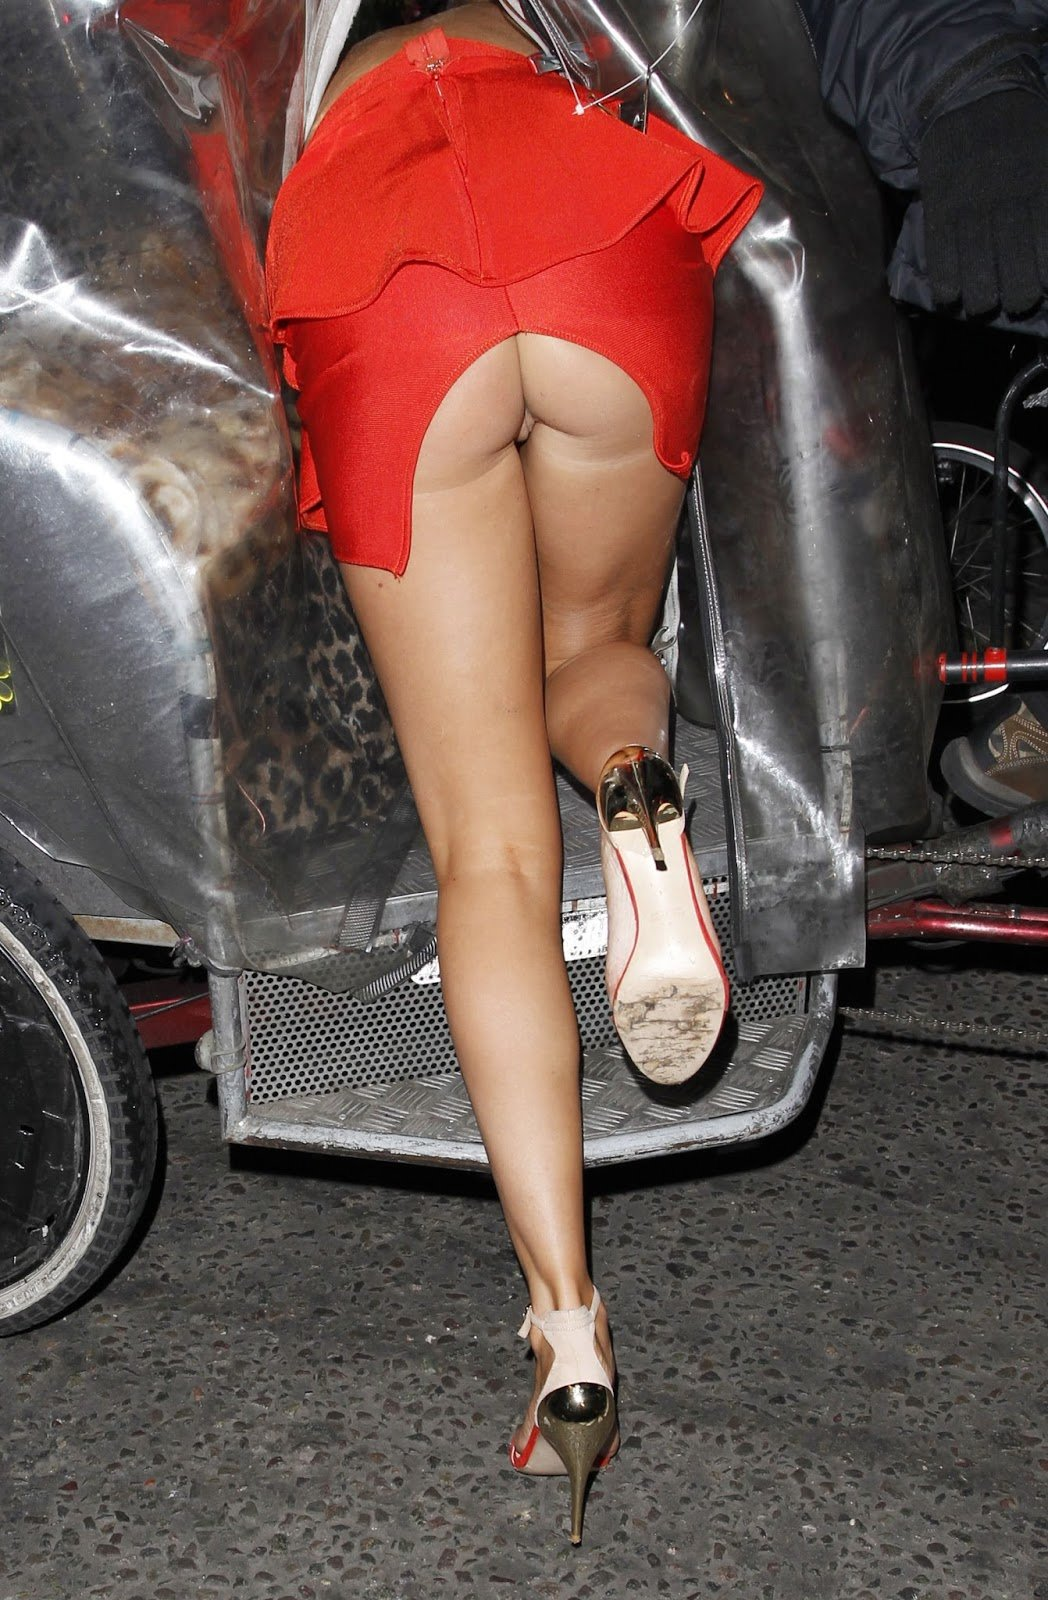 irish-star-up-skirt-pussy-hot